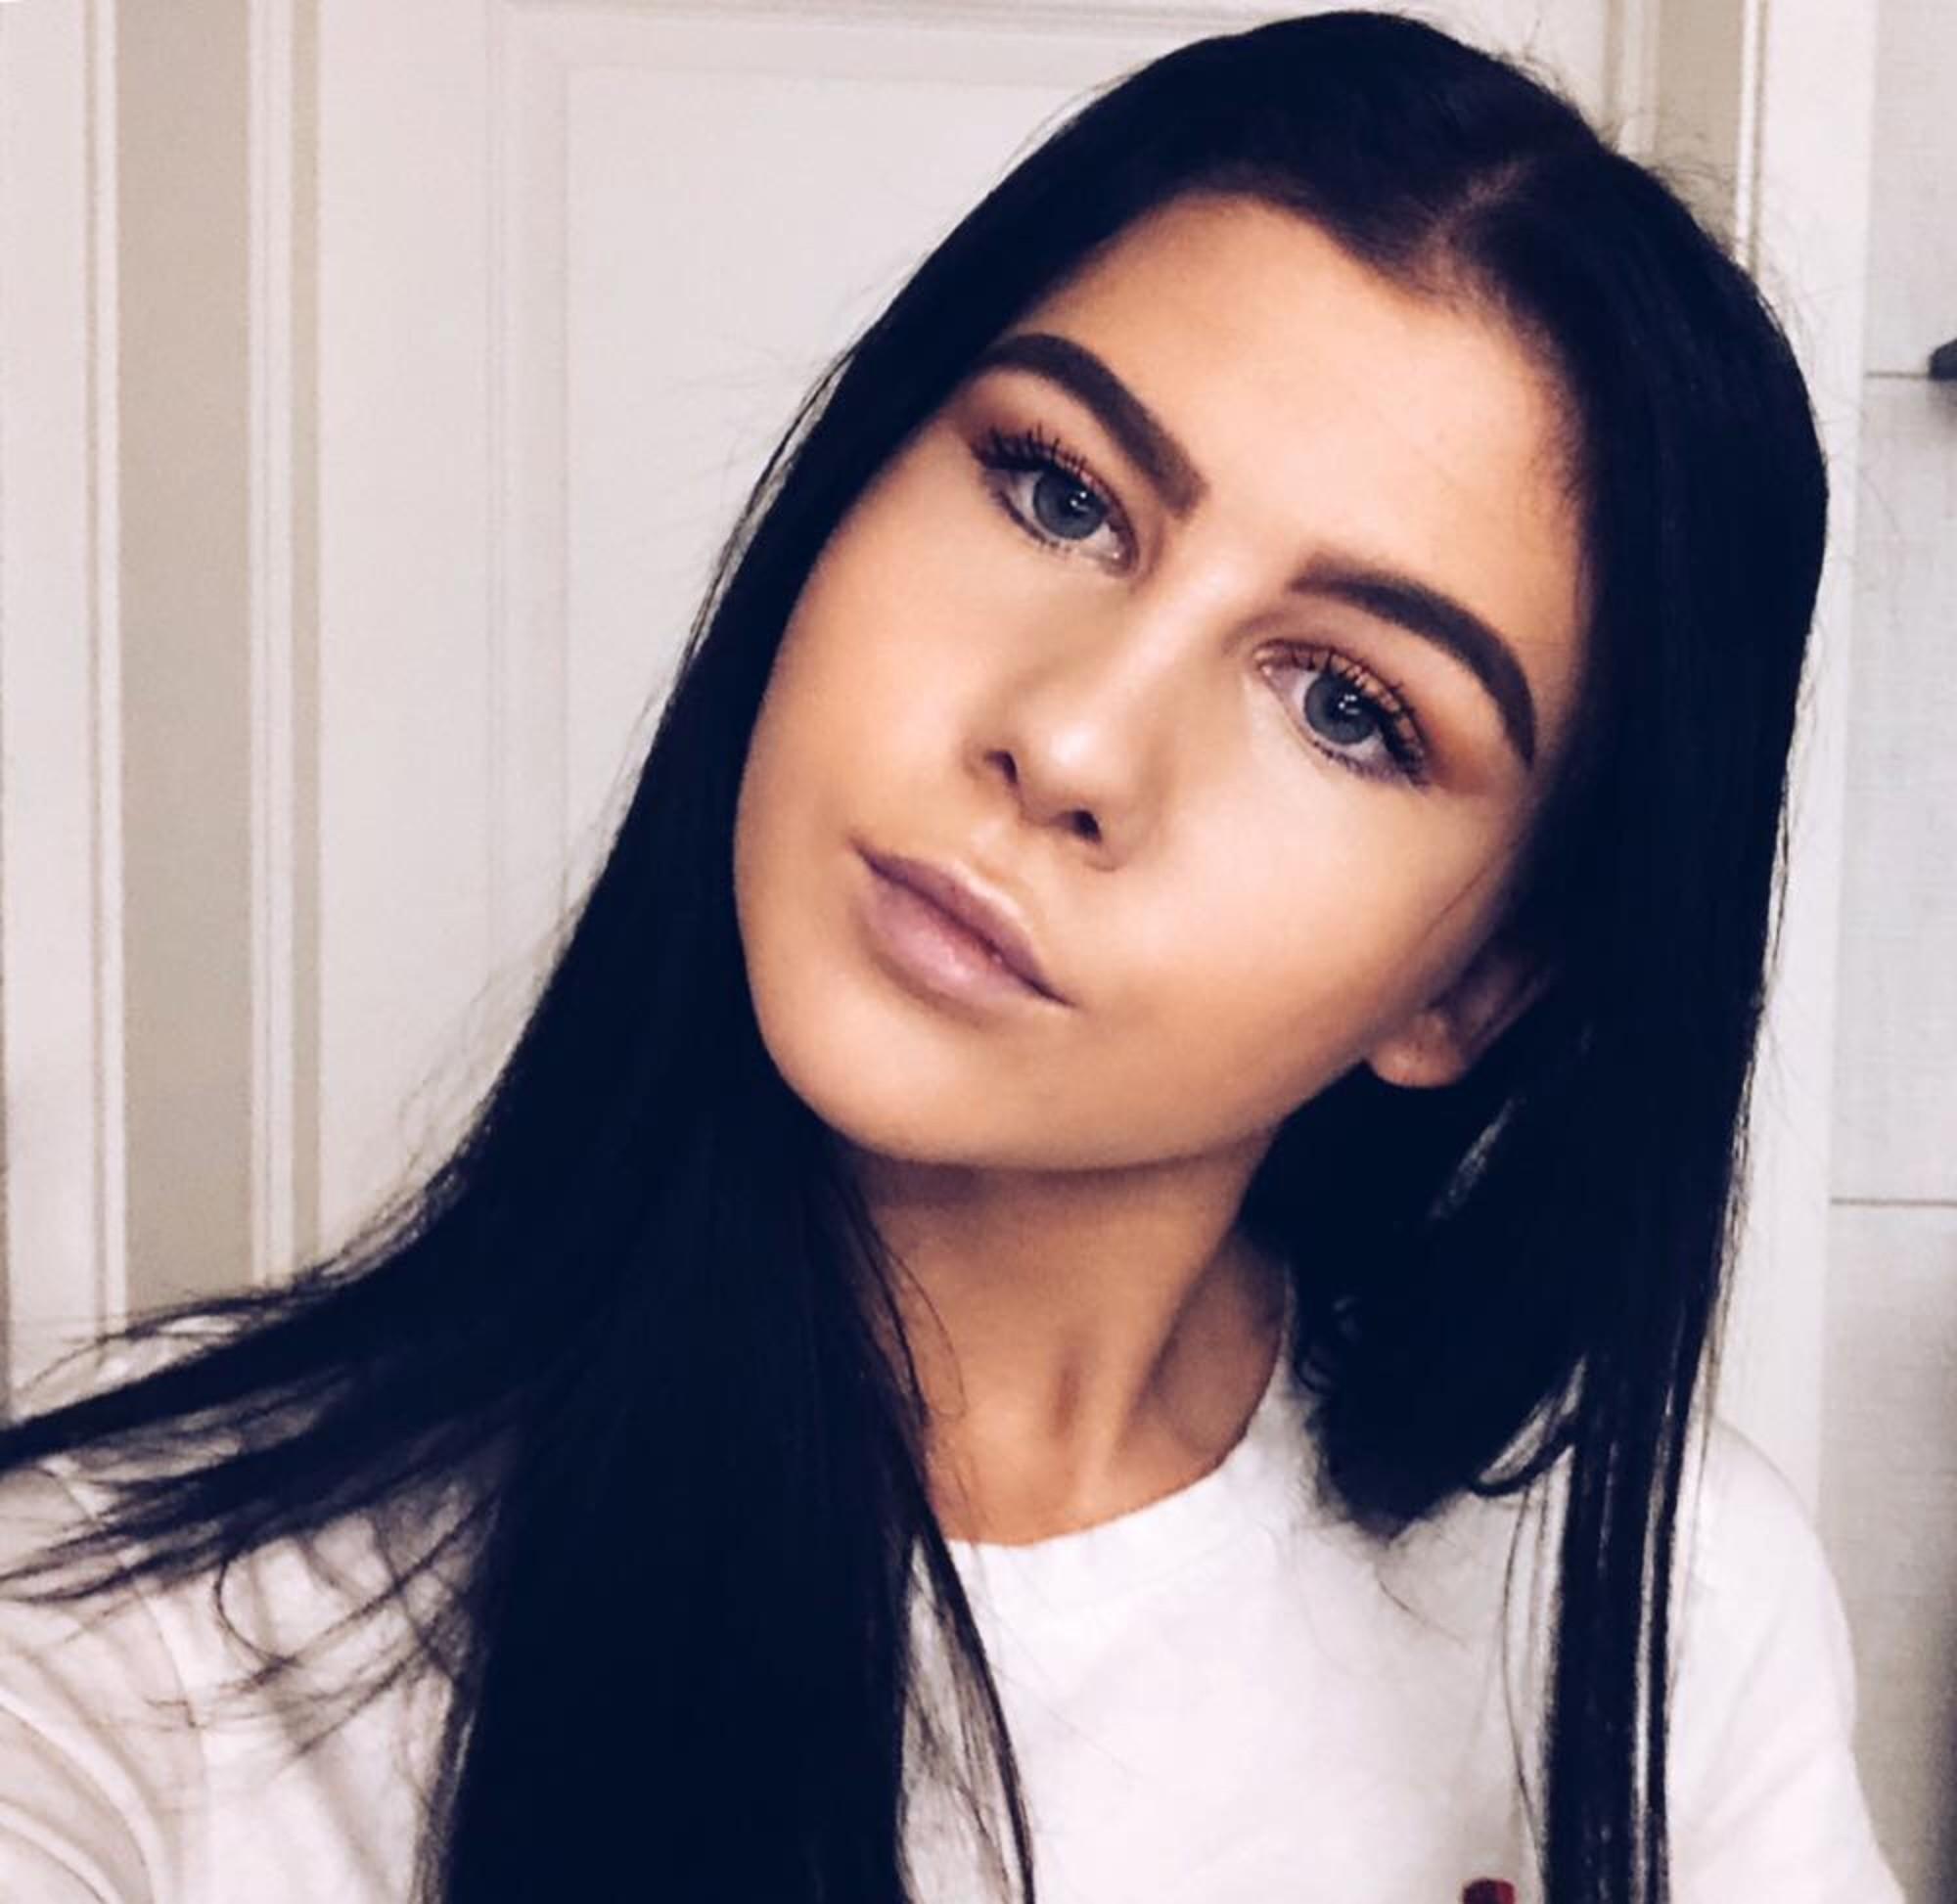 ALEXANDRA EMILIE